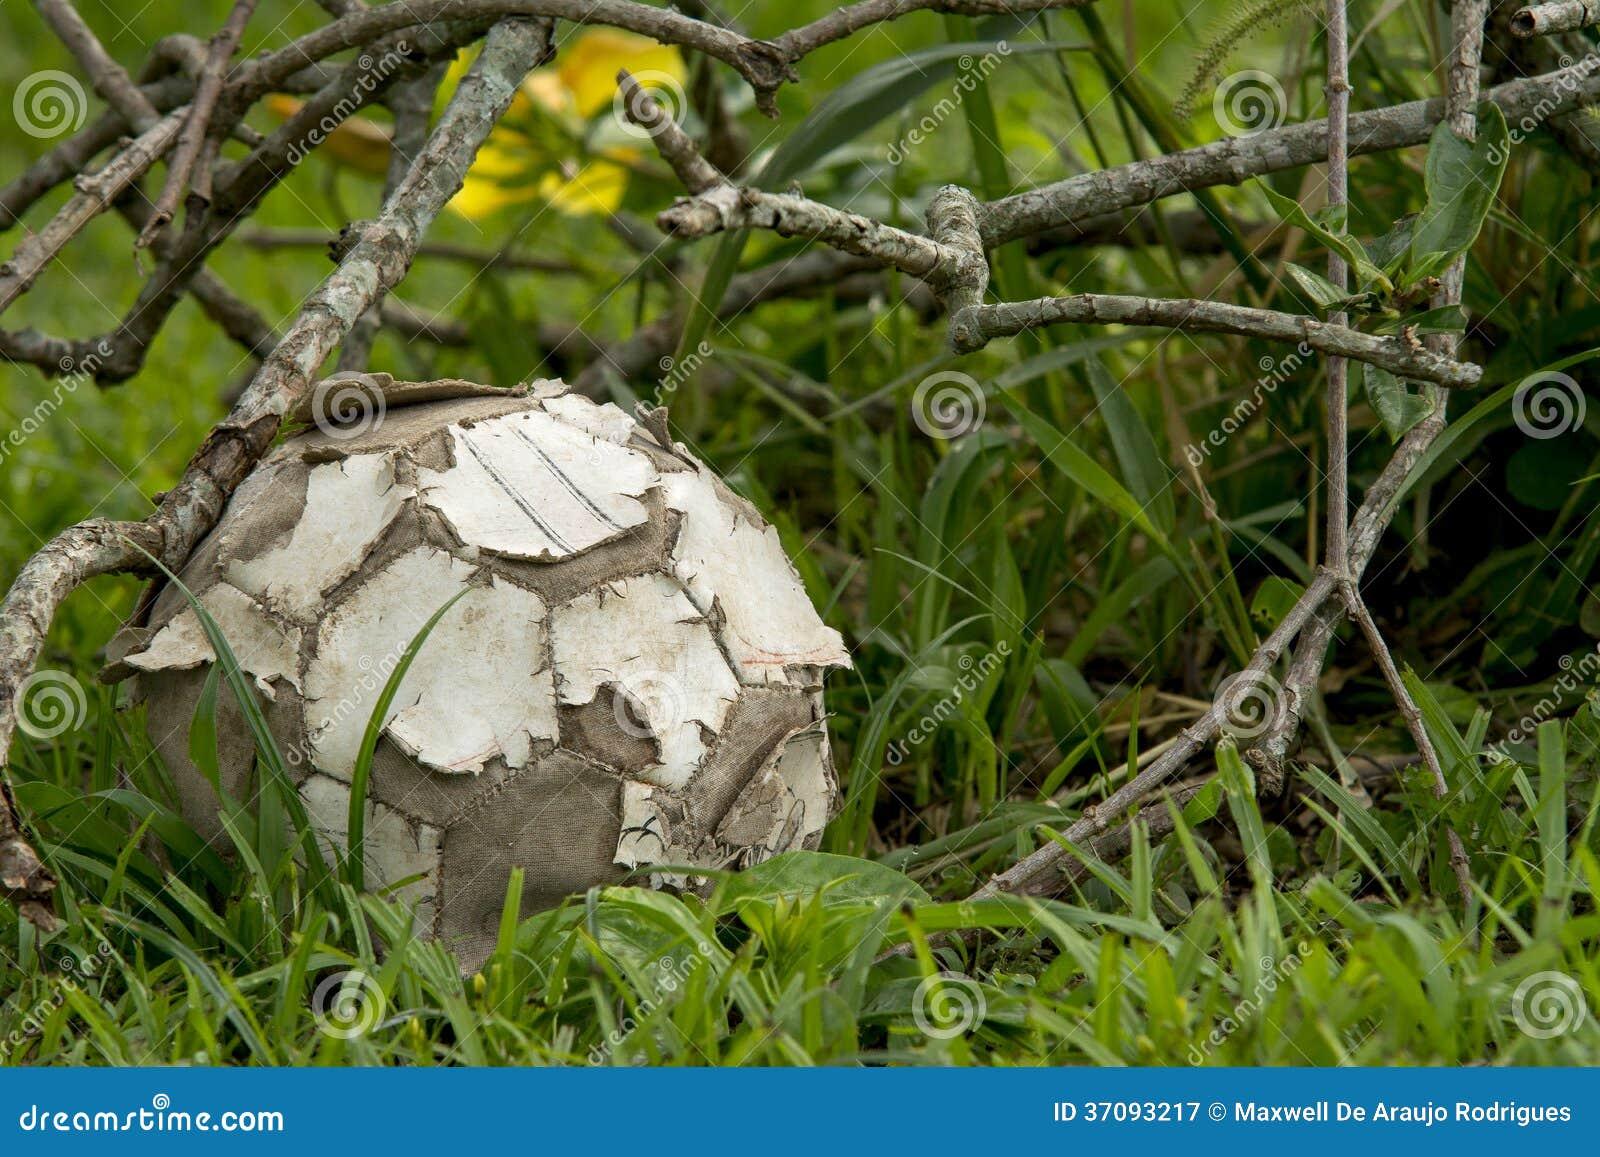 Download Poszarpana piłka obraz stock. Obraz złożonej z szorstki - 37093217